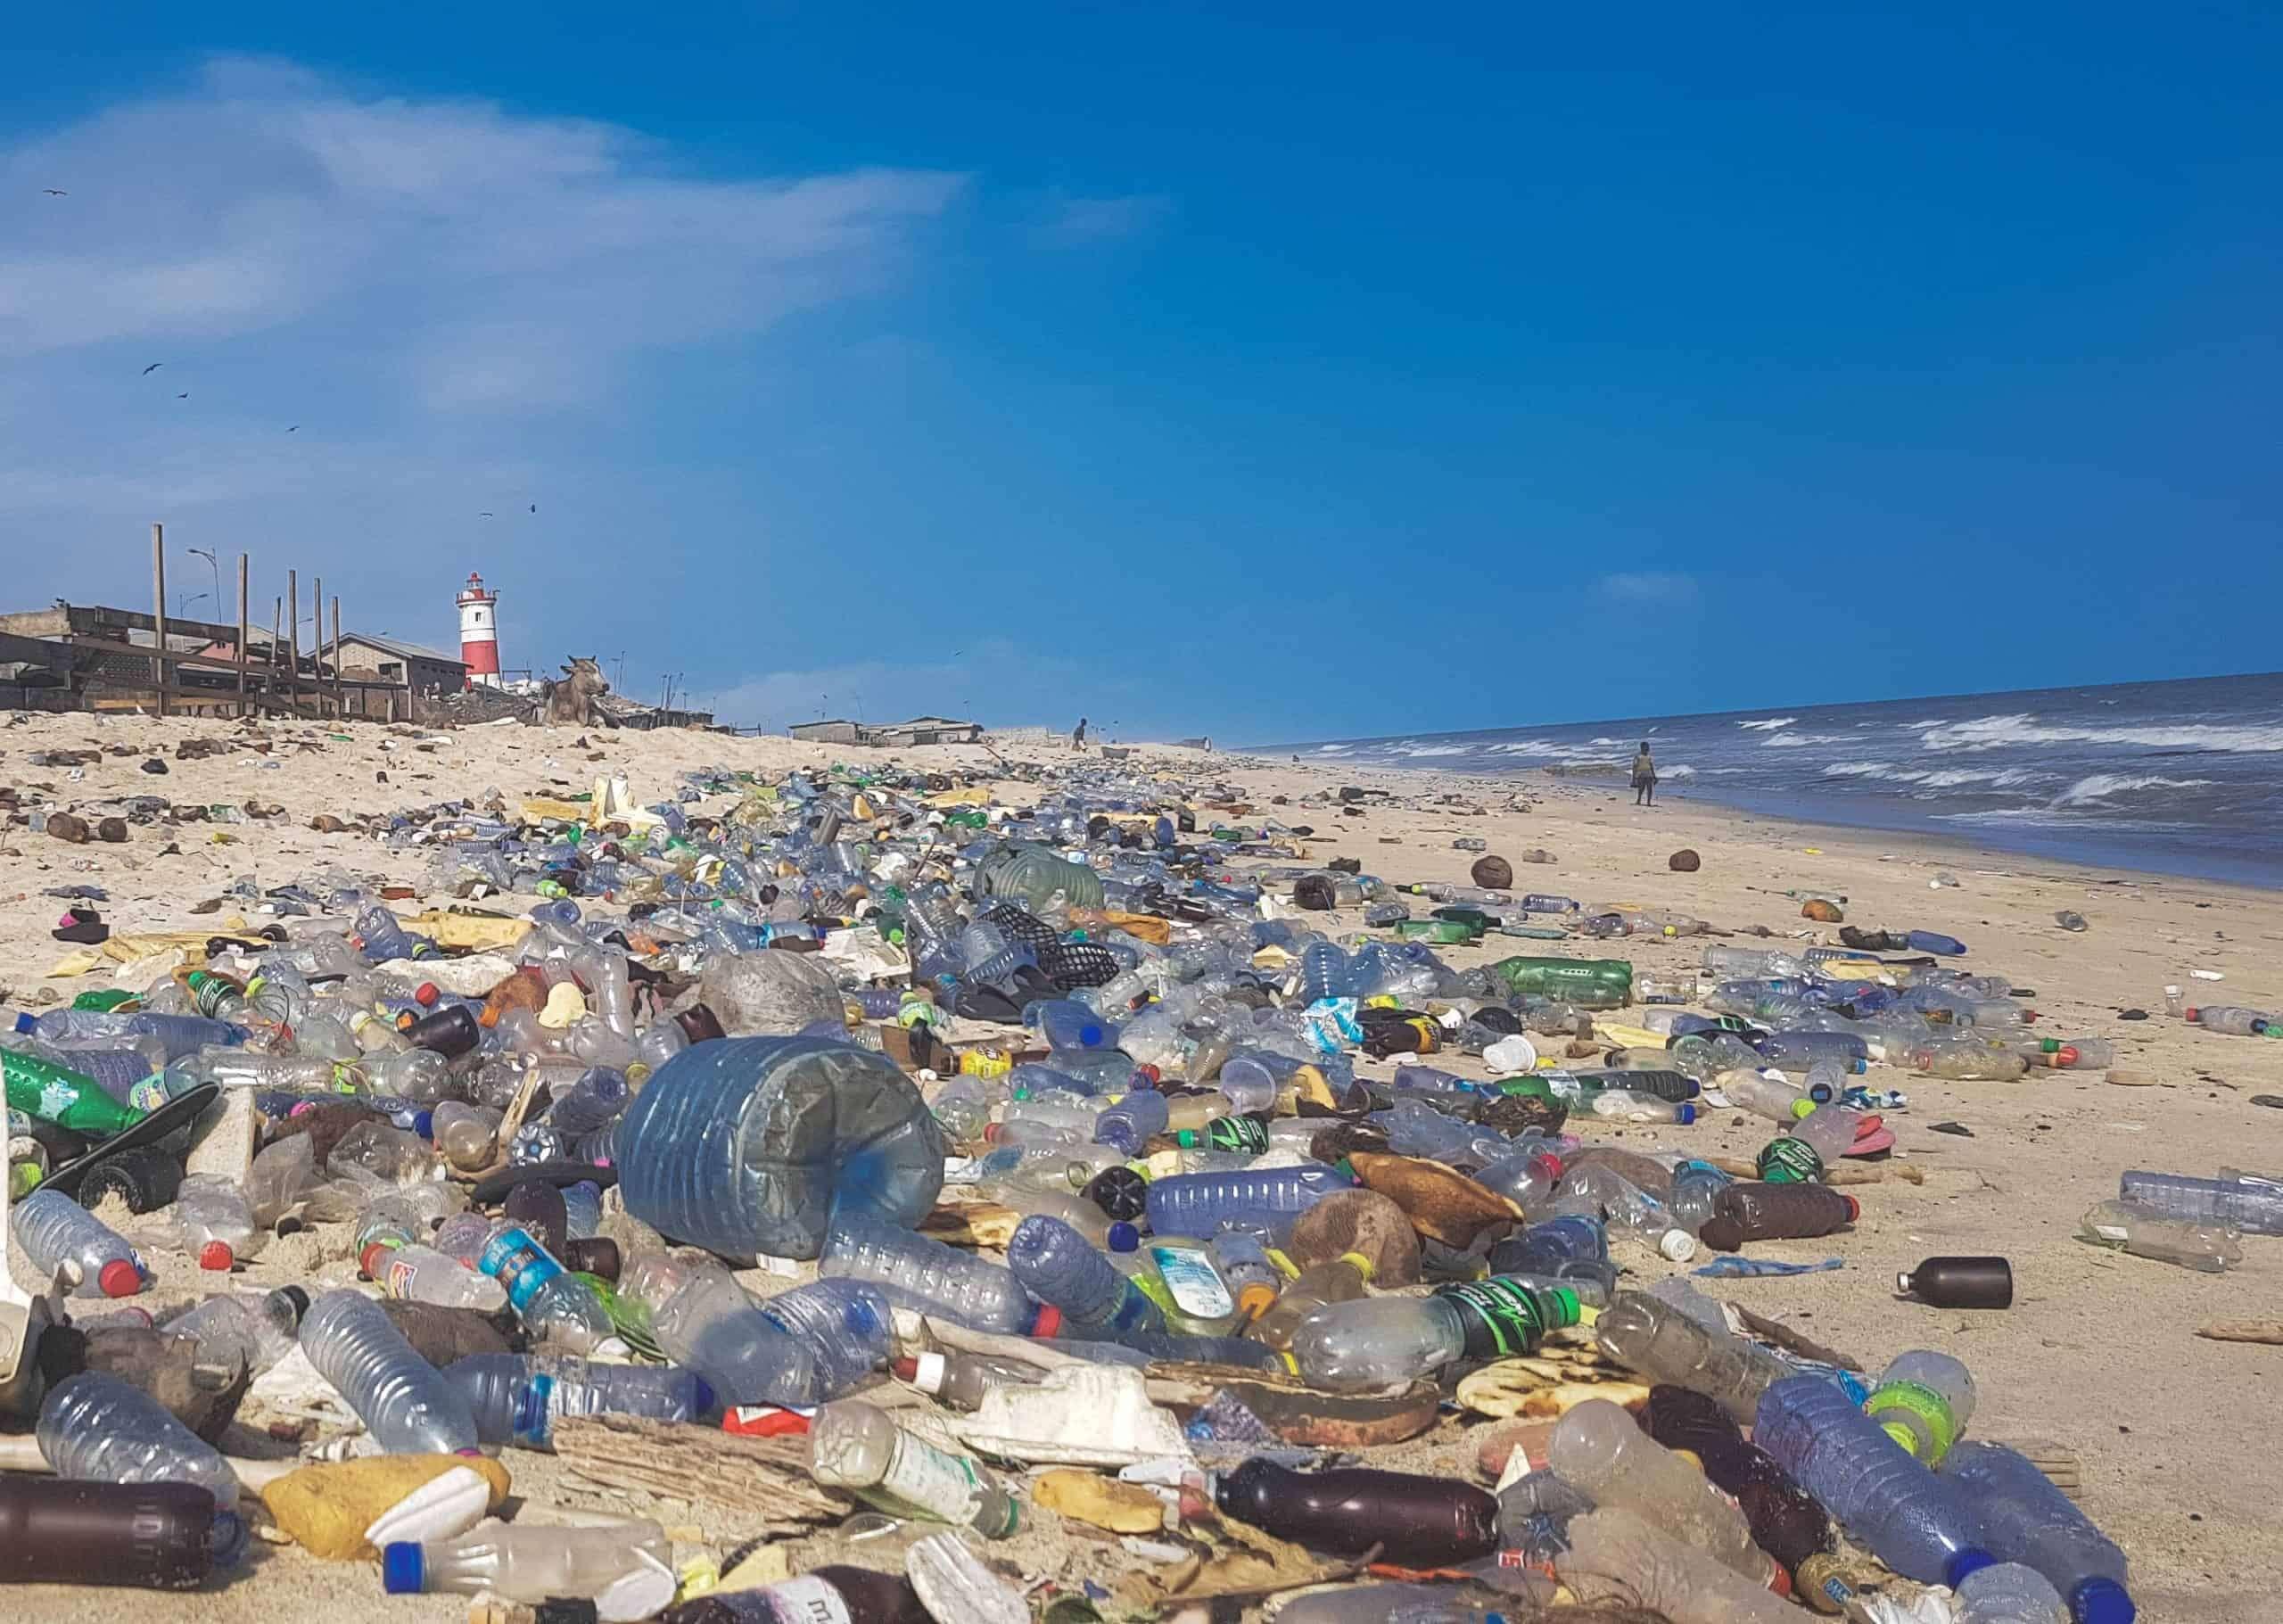 इनोवेशन: इंग्लैंड के वैज्ञानिकों ने बनाए ऐसे एंजाइम्स जो प्लास्टिक को कर देंगे नष्ट